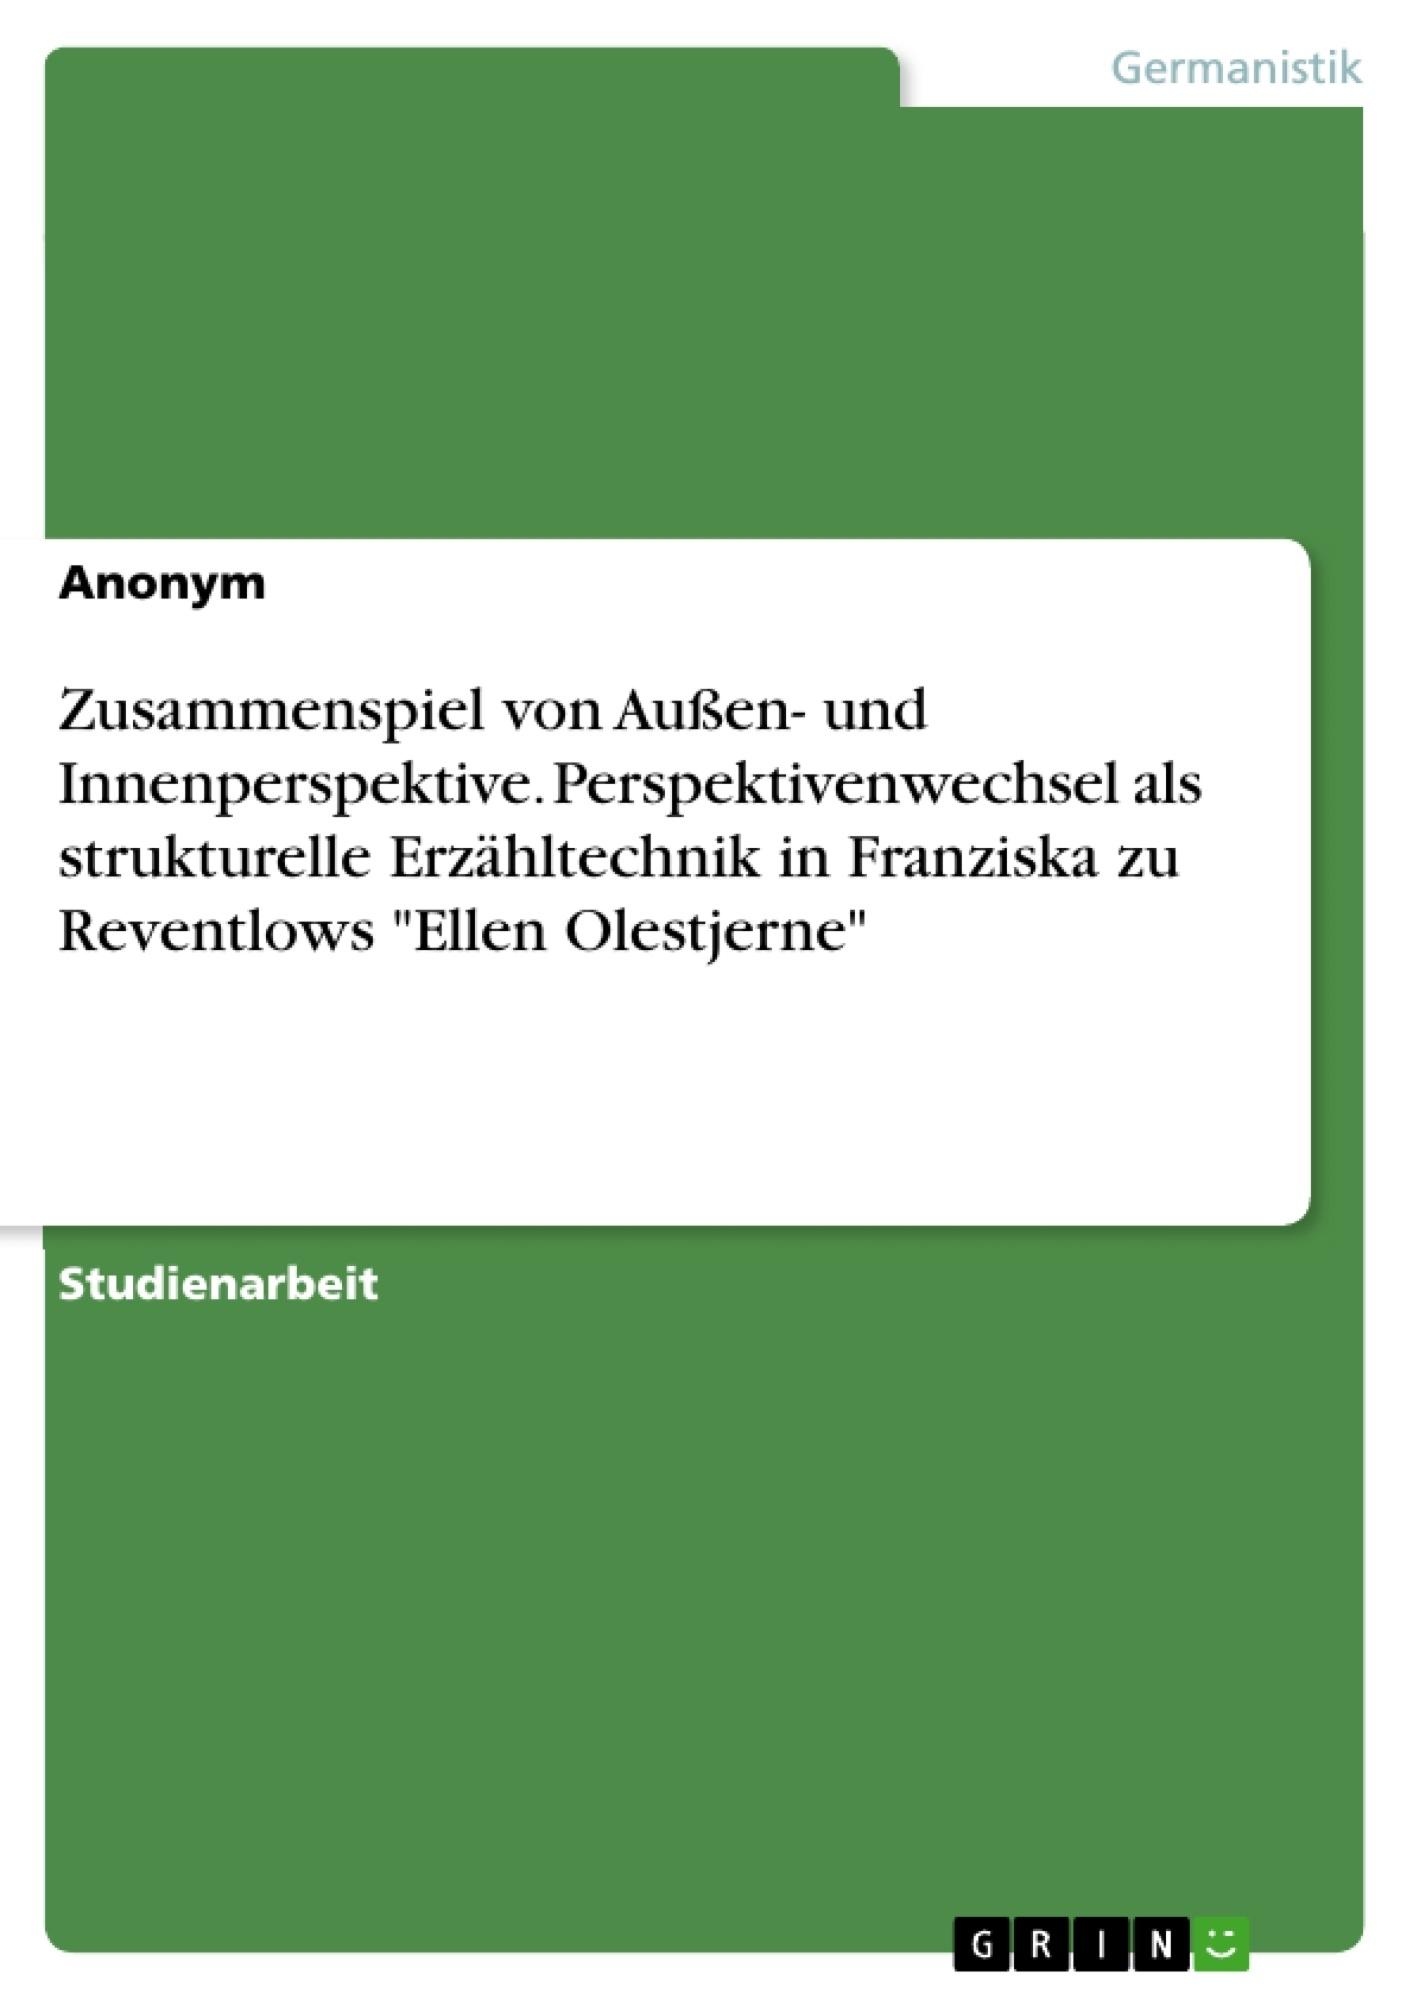 """Titel: Zusammenspiel von Außen- und Innenperspektive. Perspektivenwechsel als strukturelle Erzähltechnik in Franziska zu Reventlows """"Ellen Olestjerne"""""""